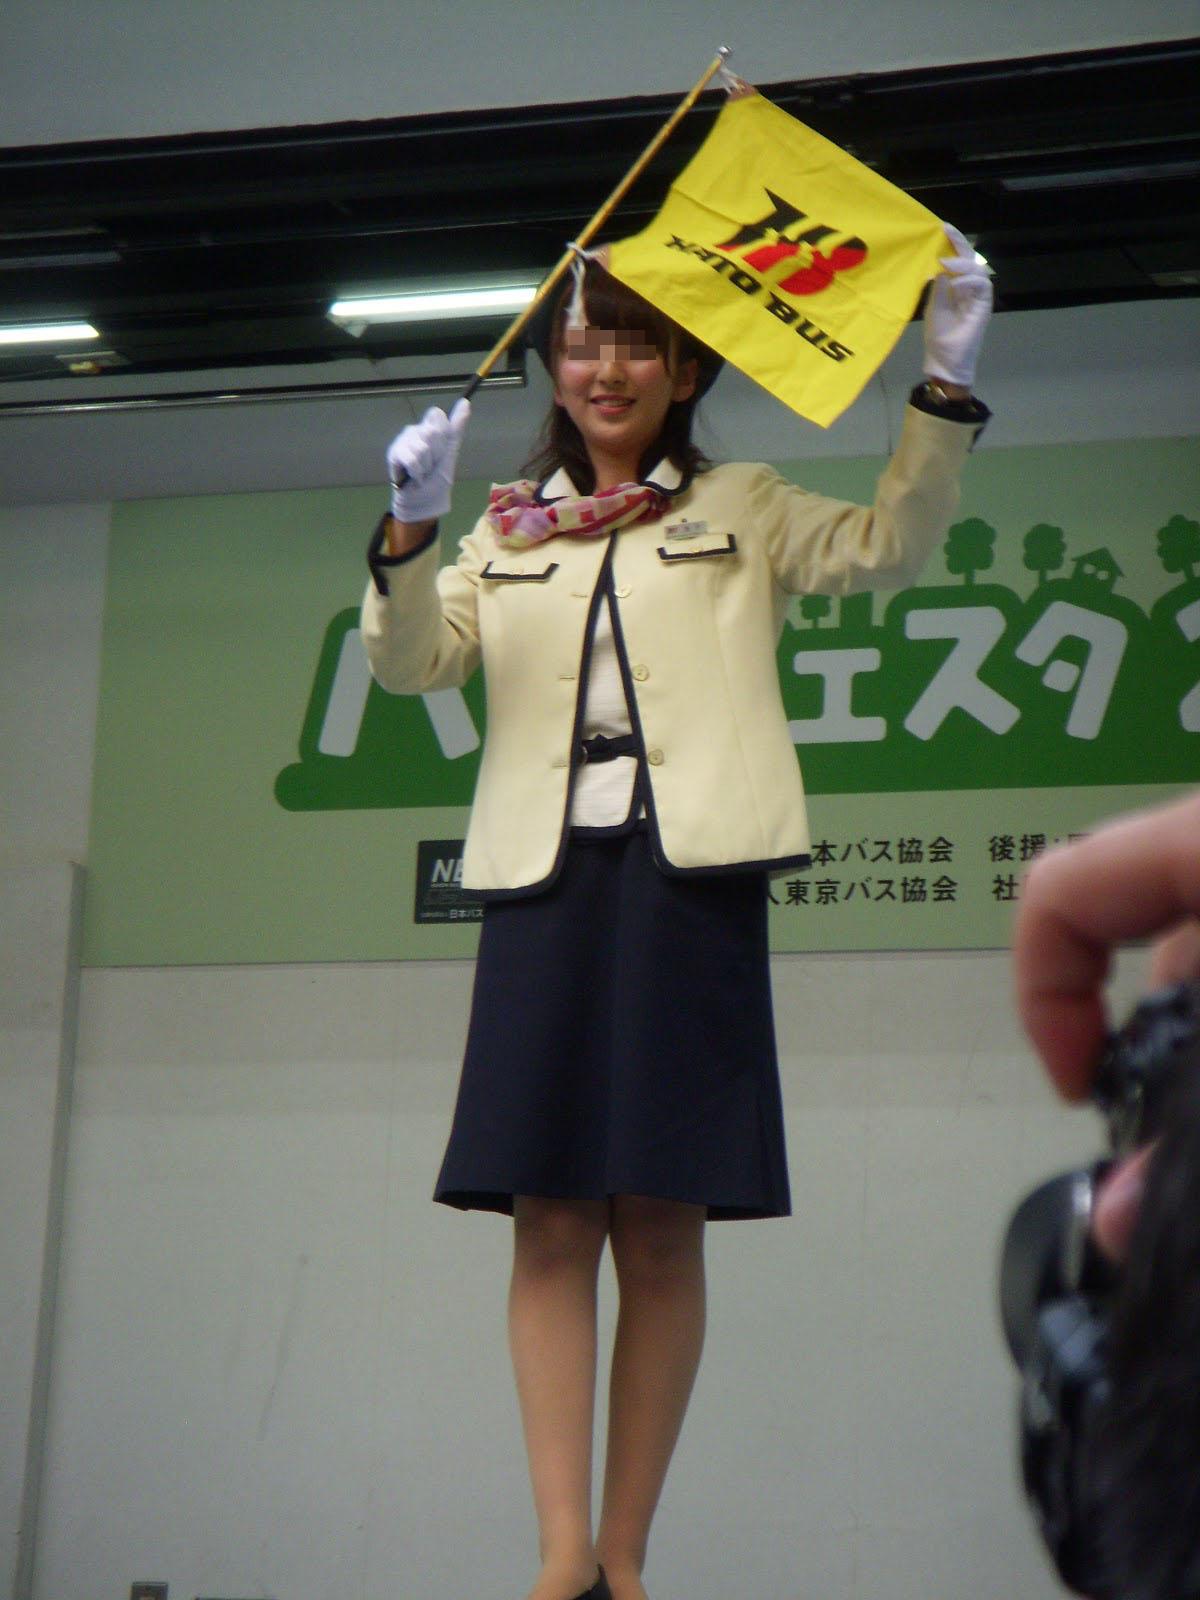 激かわ素人バスガイドタイトスカートエロ写メ画像1枚目